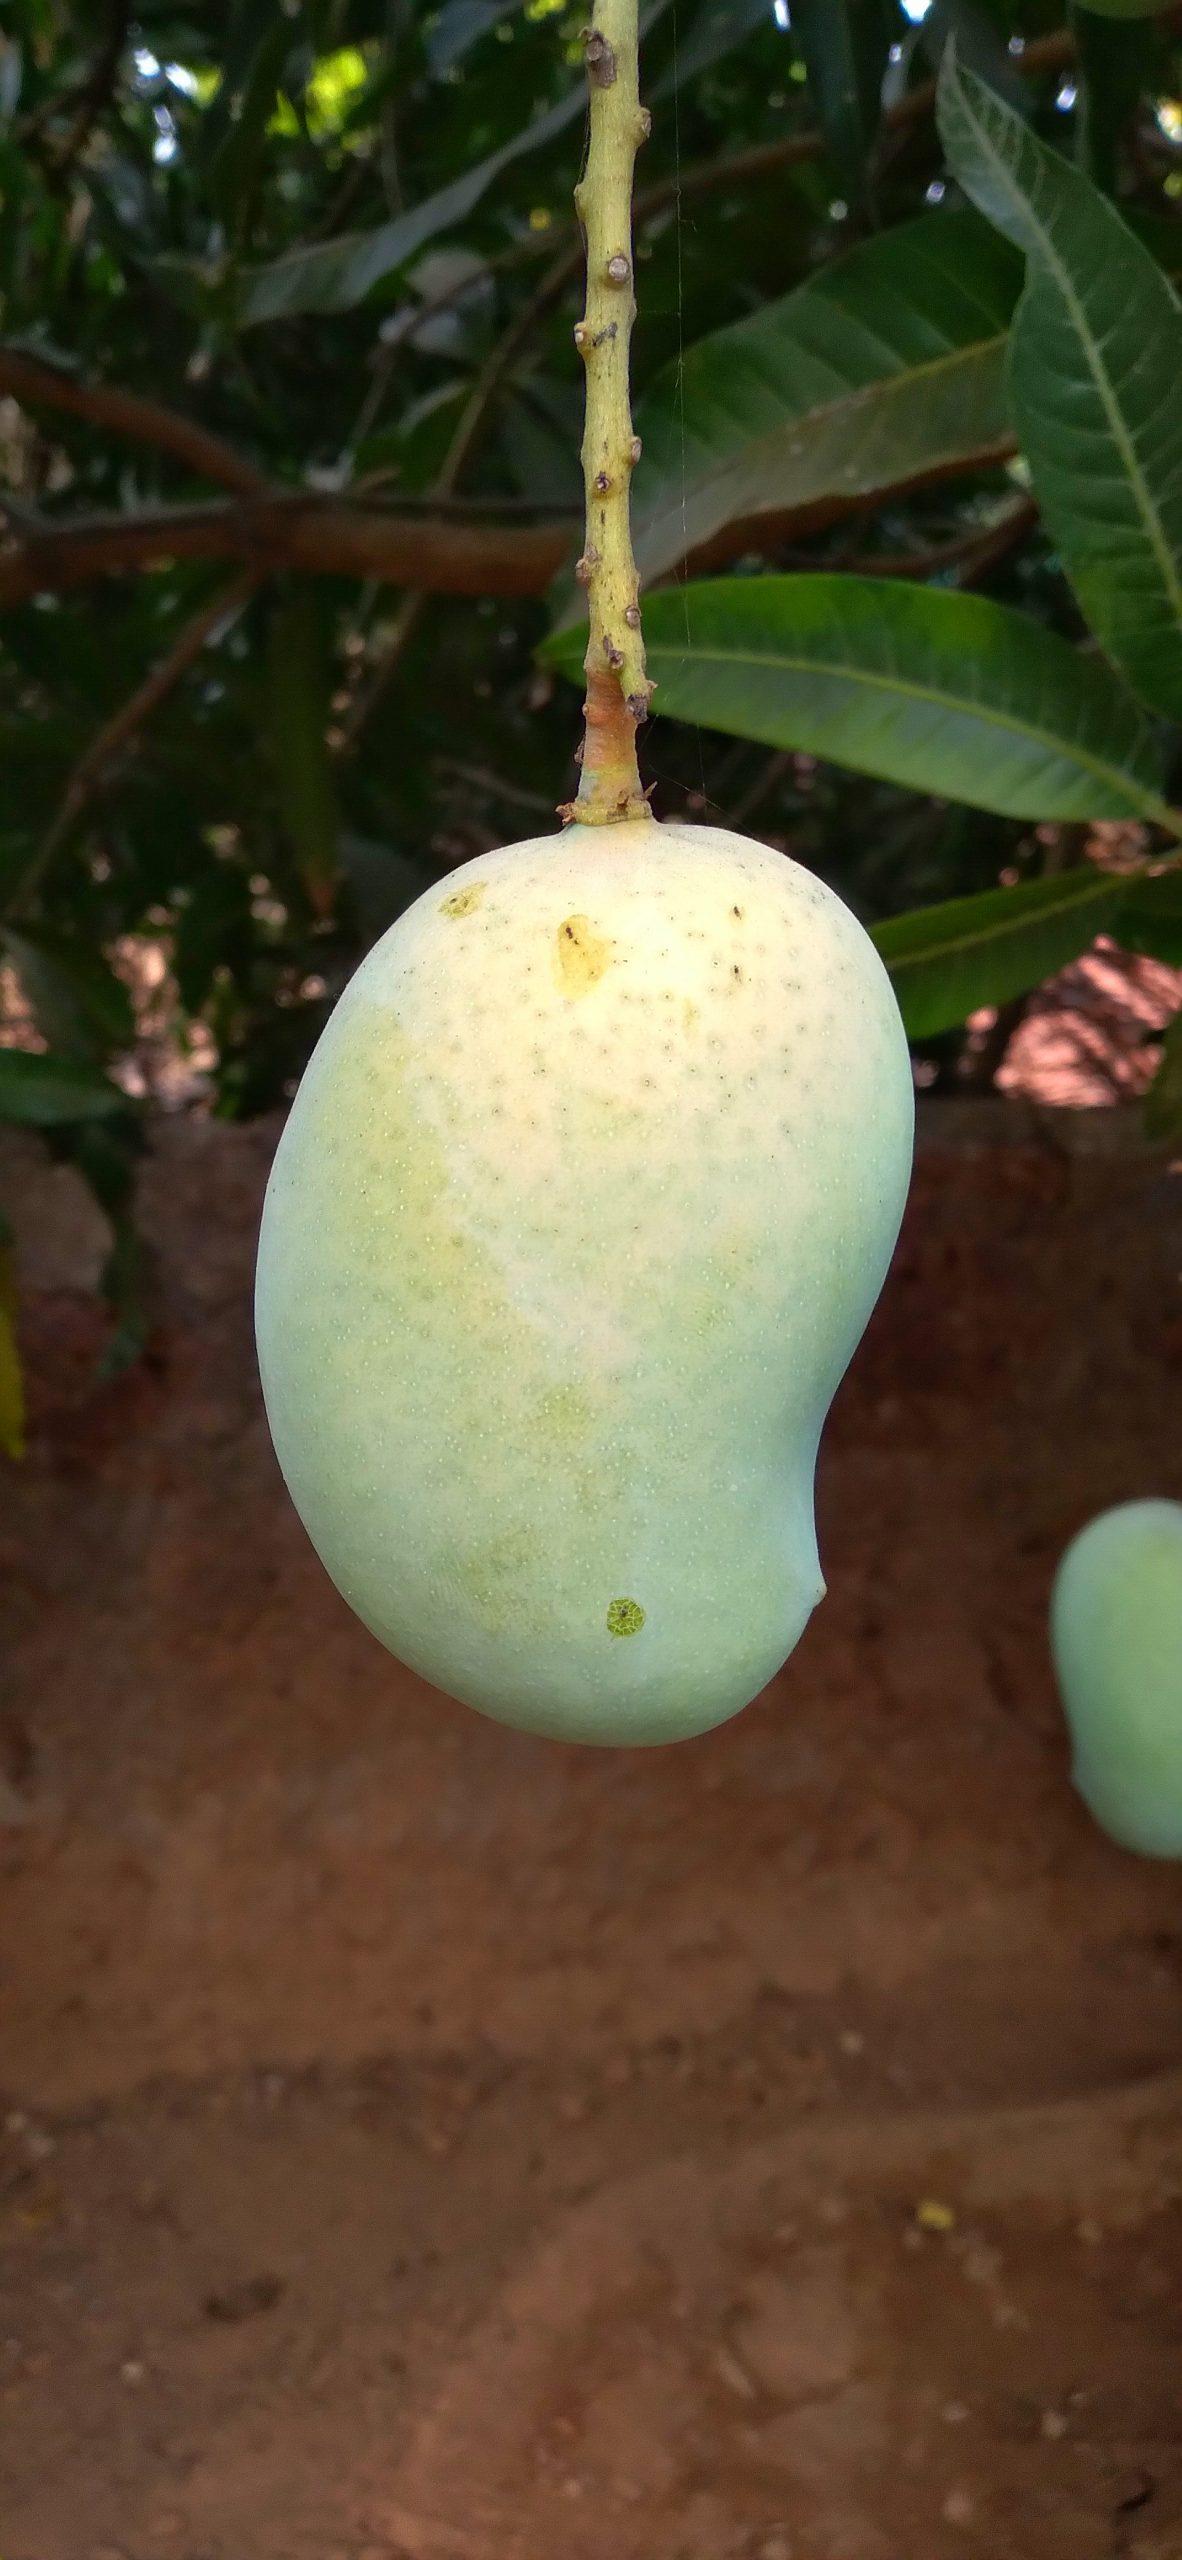 Mango hanging on plant